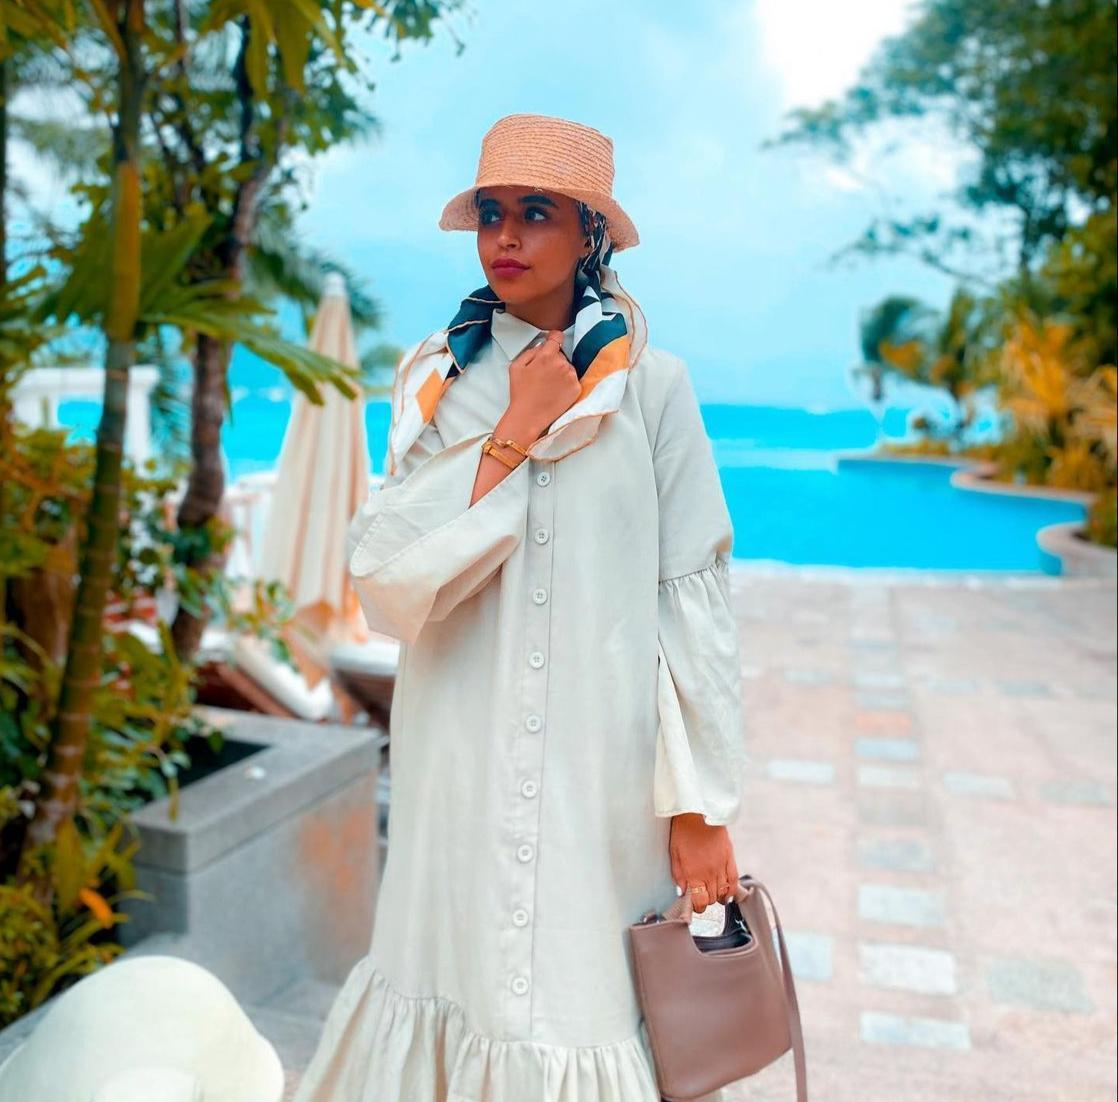 لولوة الخطاف بفستان يليق بالمراه الخليجية -الصورة من حسابها على الانستغرام